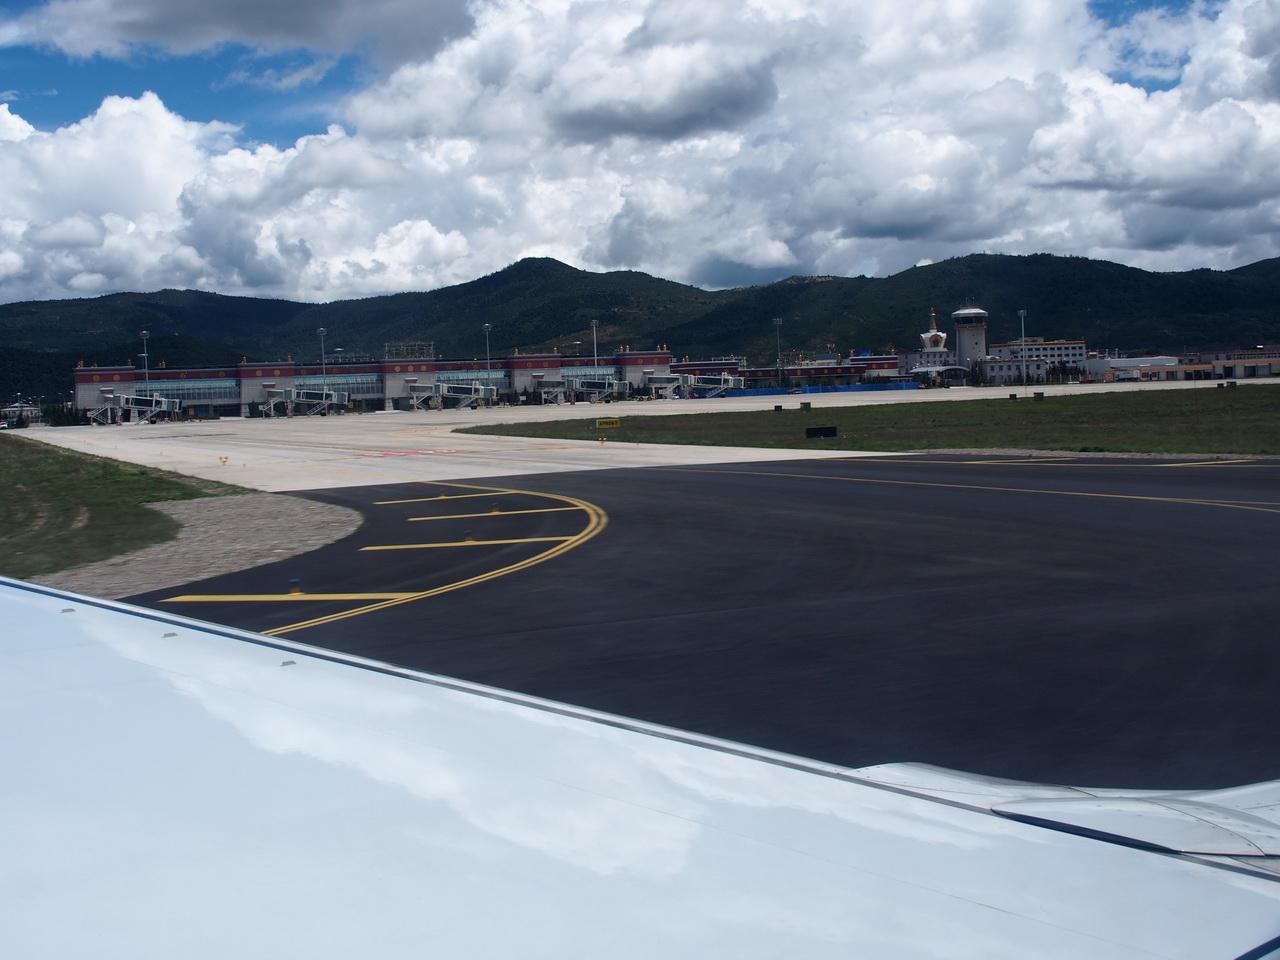 香格里拉游玩攻略,飞机 自驾 汽车怎么选择?